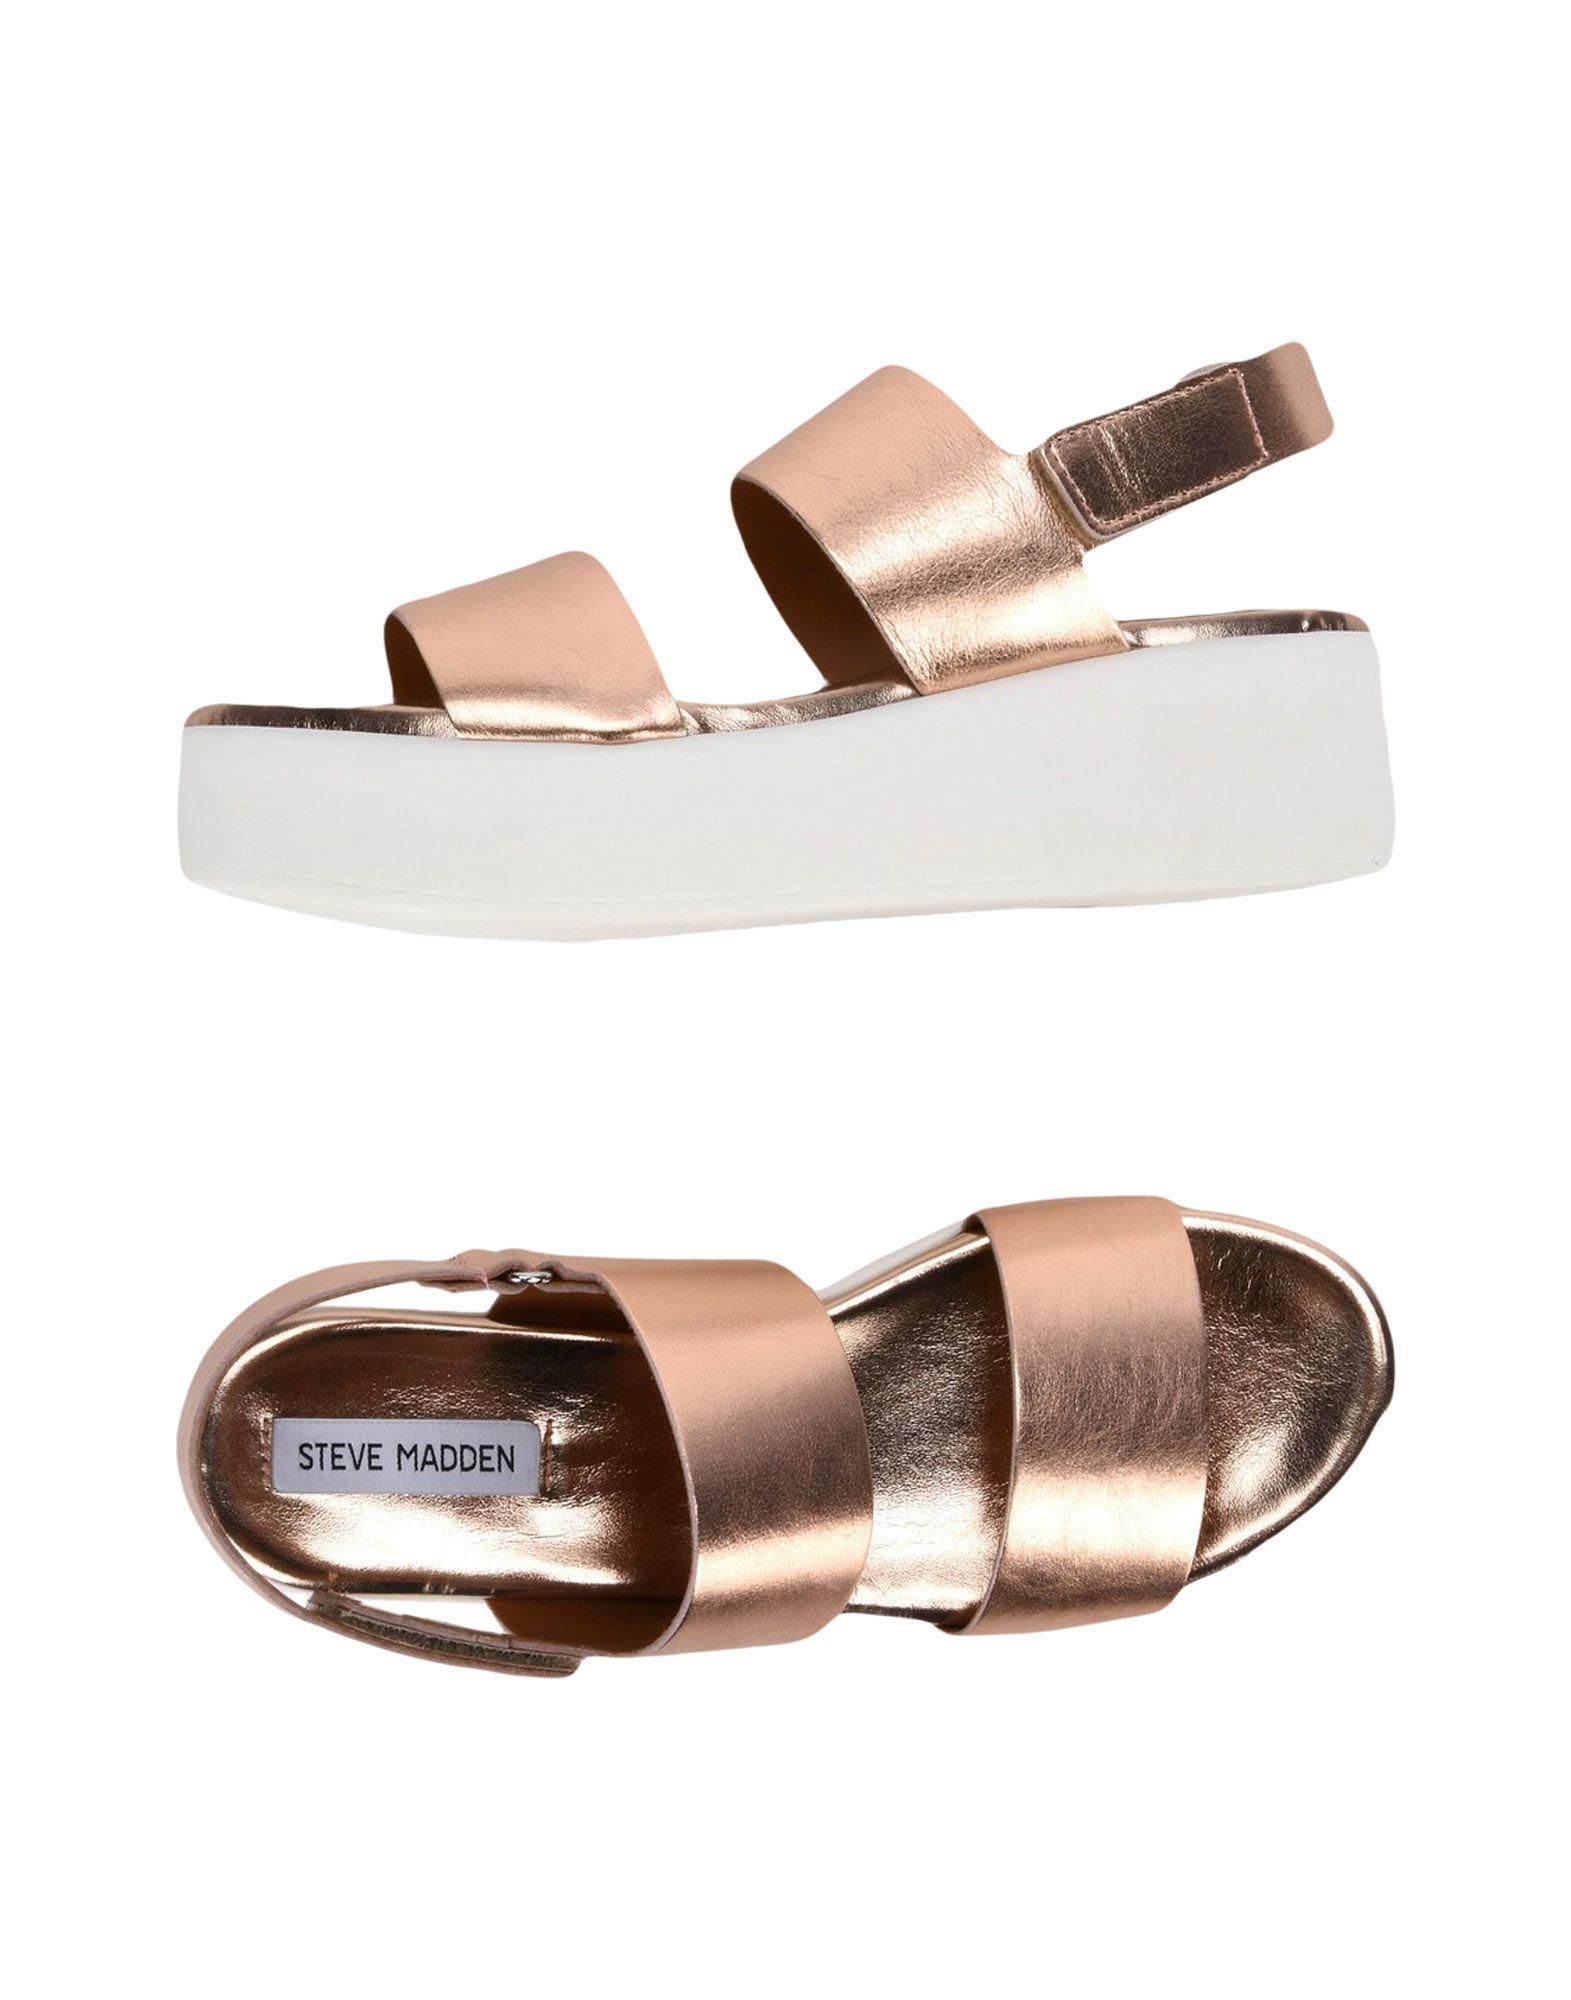 Steve Madden Rachel Sandal  11457496WD Gute Qualität beliebte Schuhe